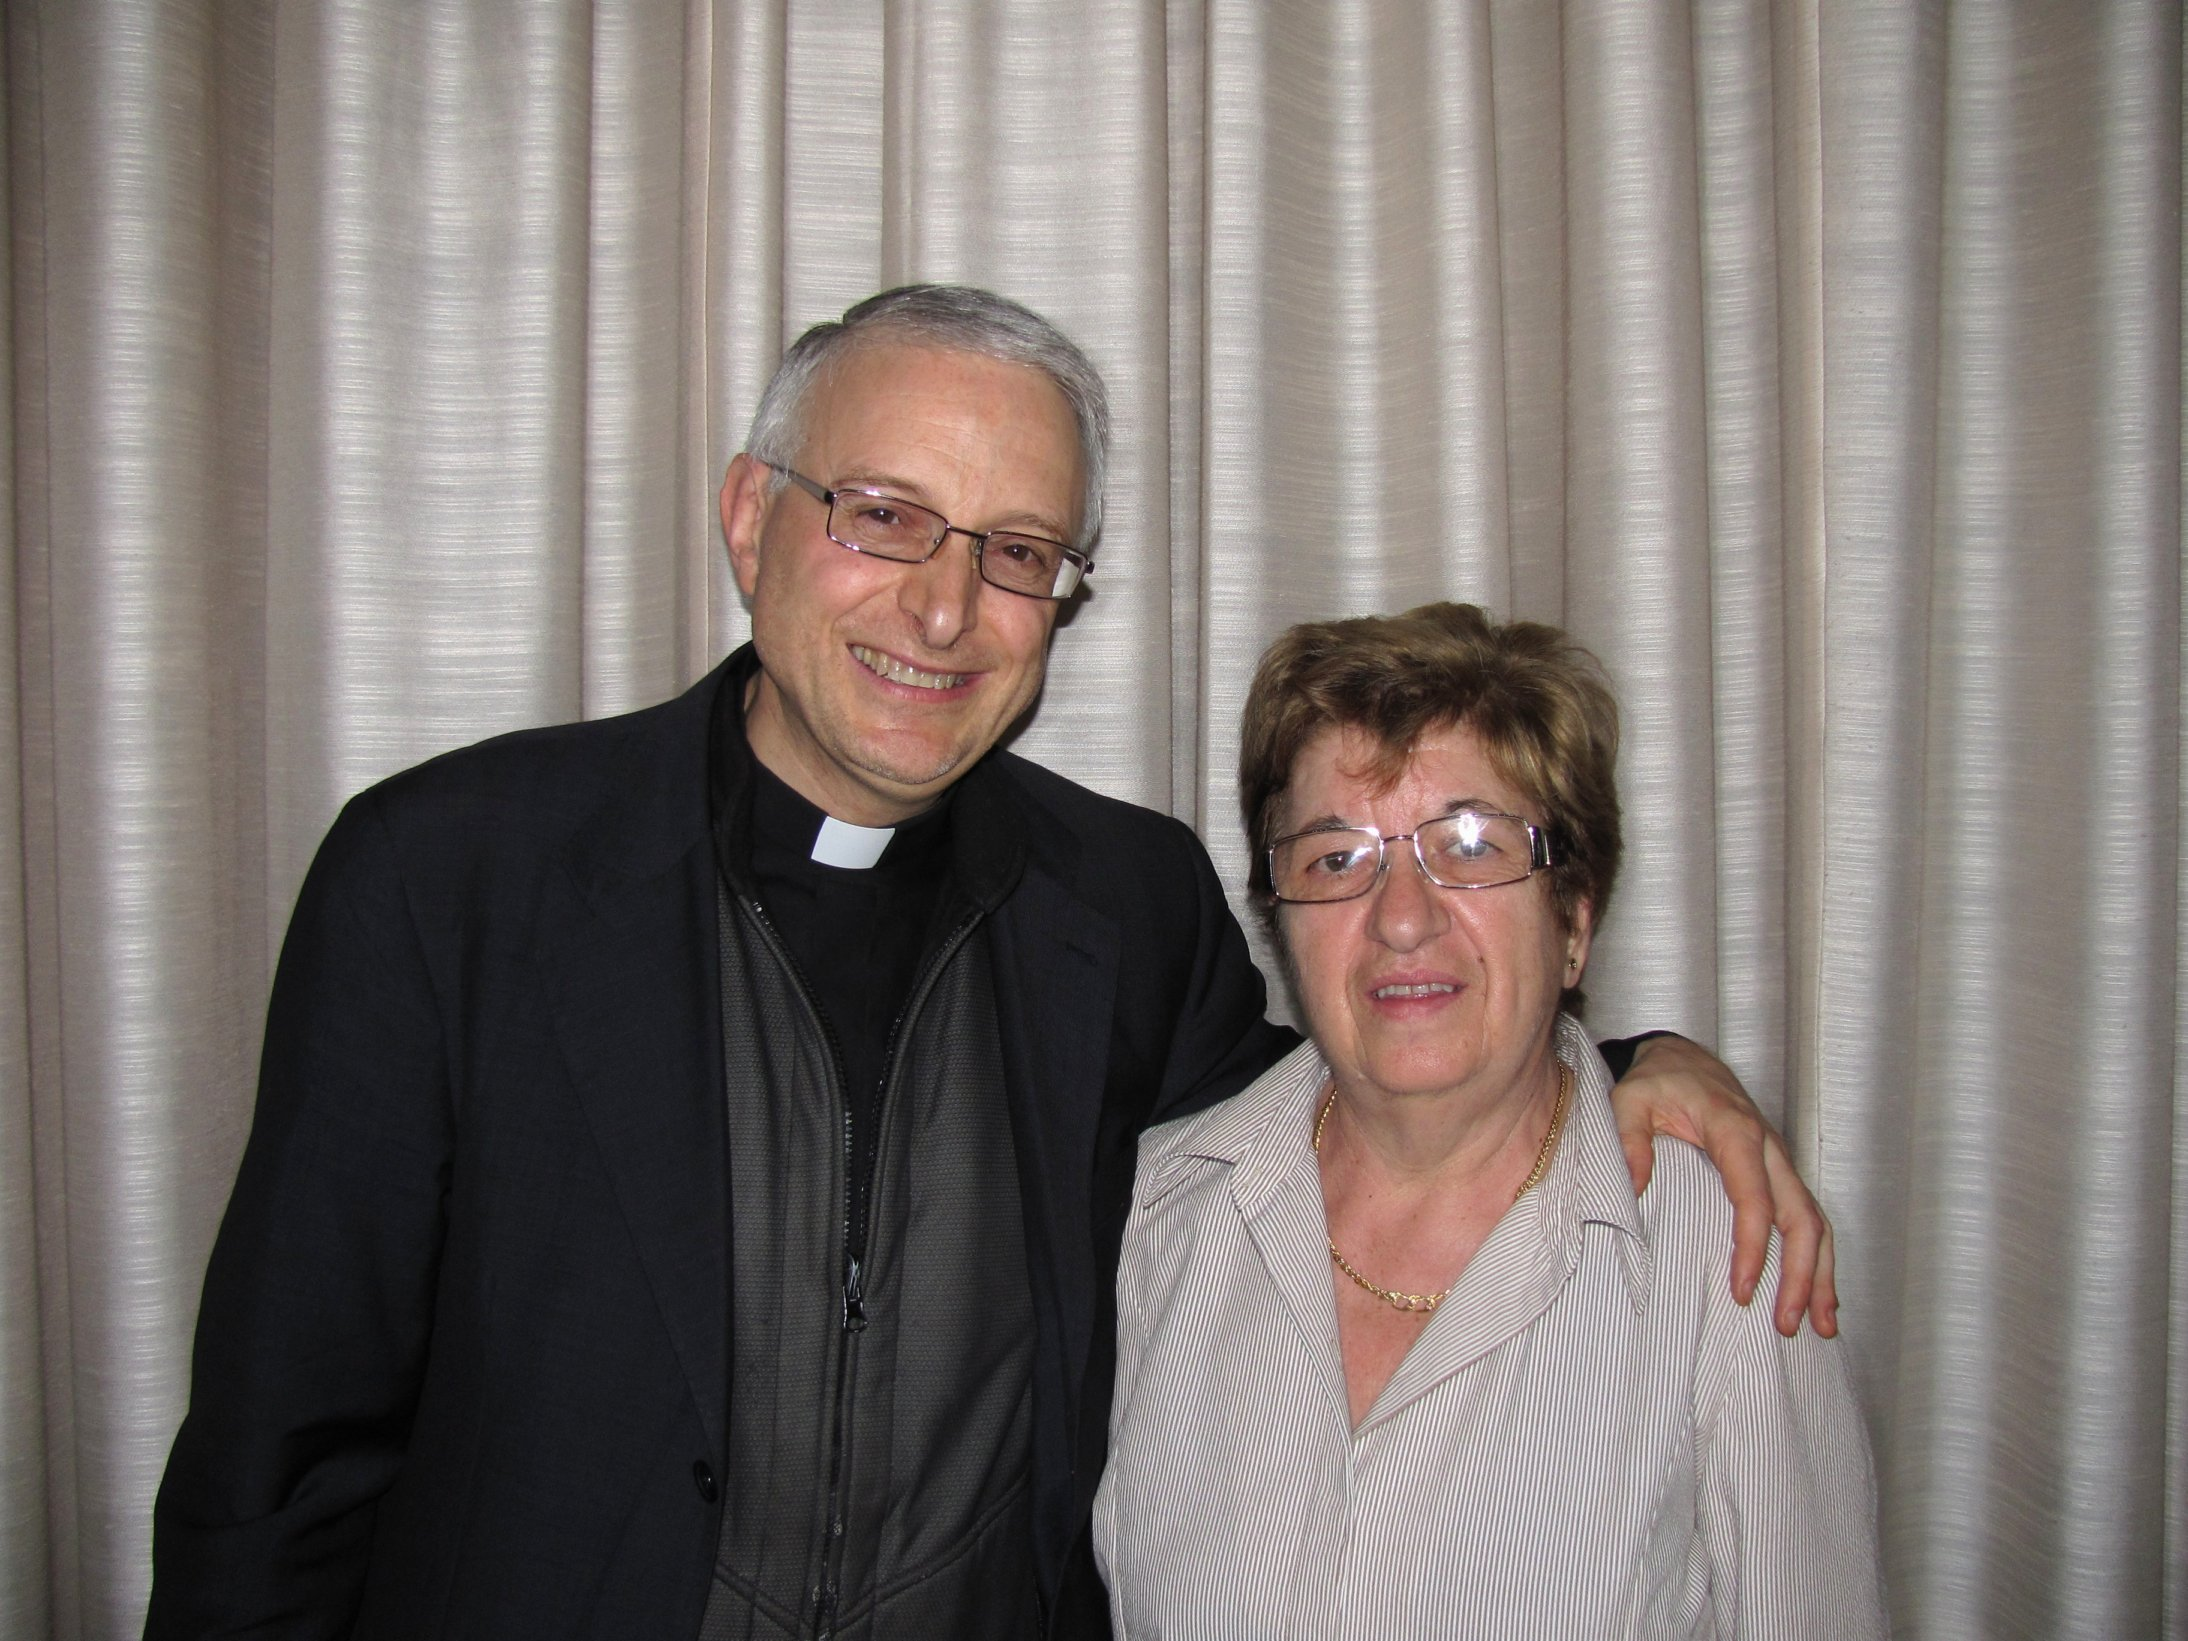 chiusura_anno_catechiste_2013-06-14-20-57-38